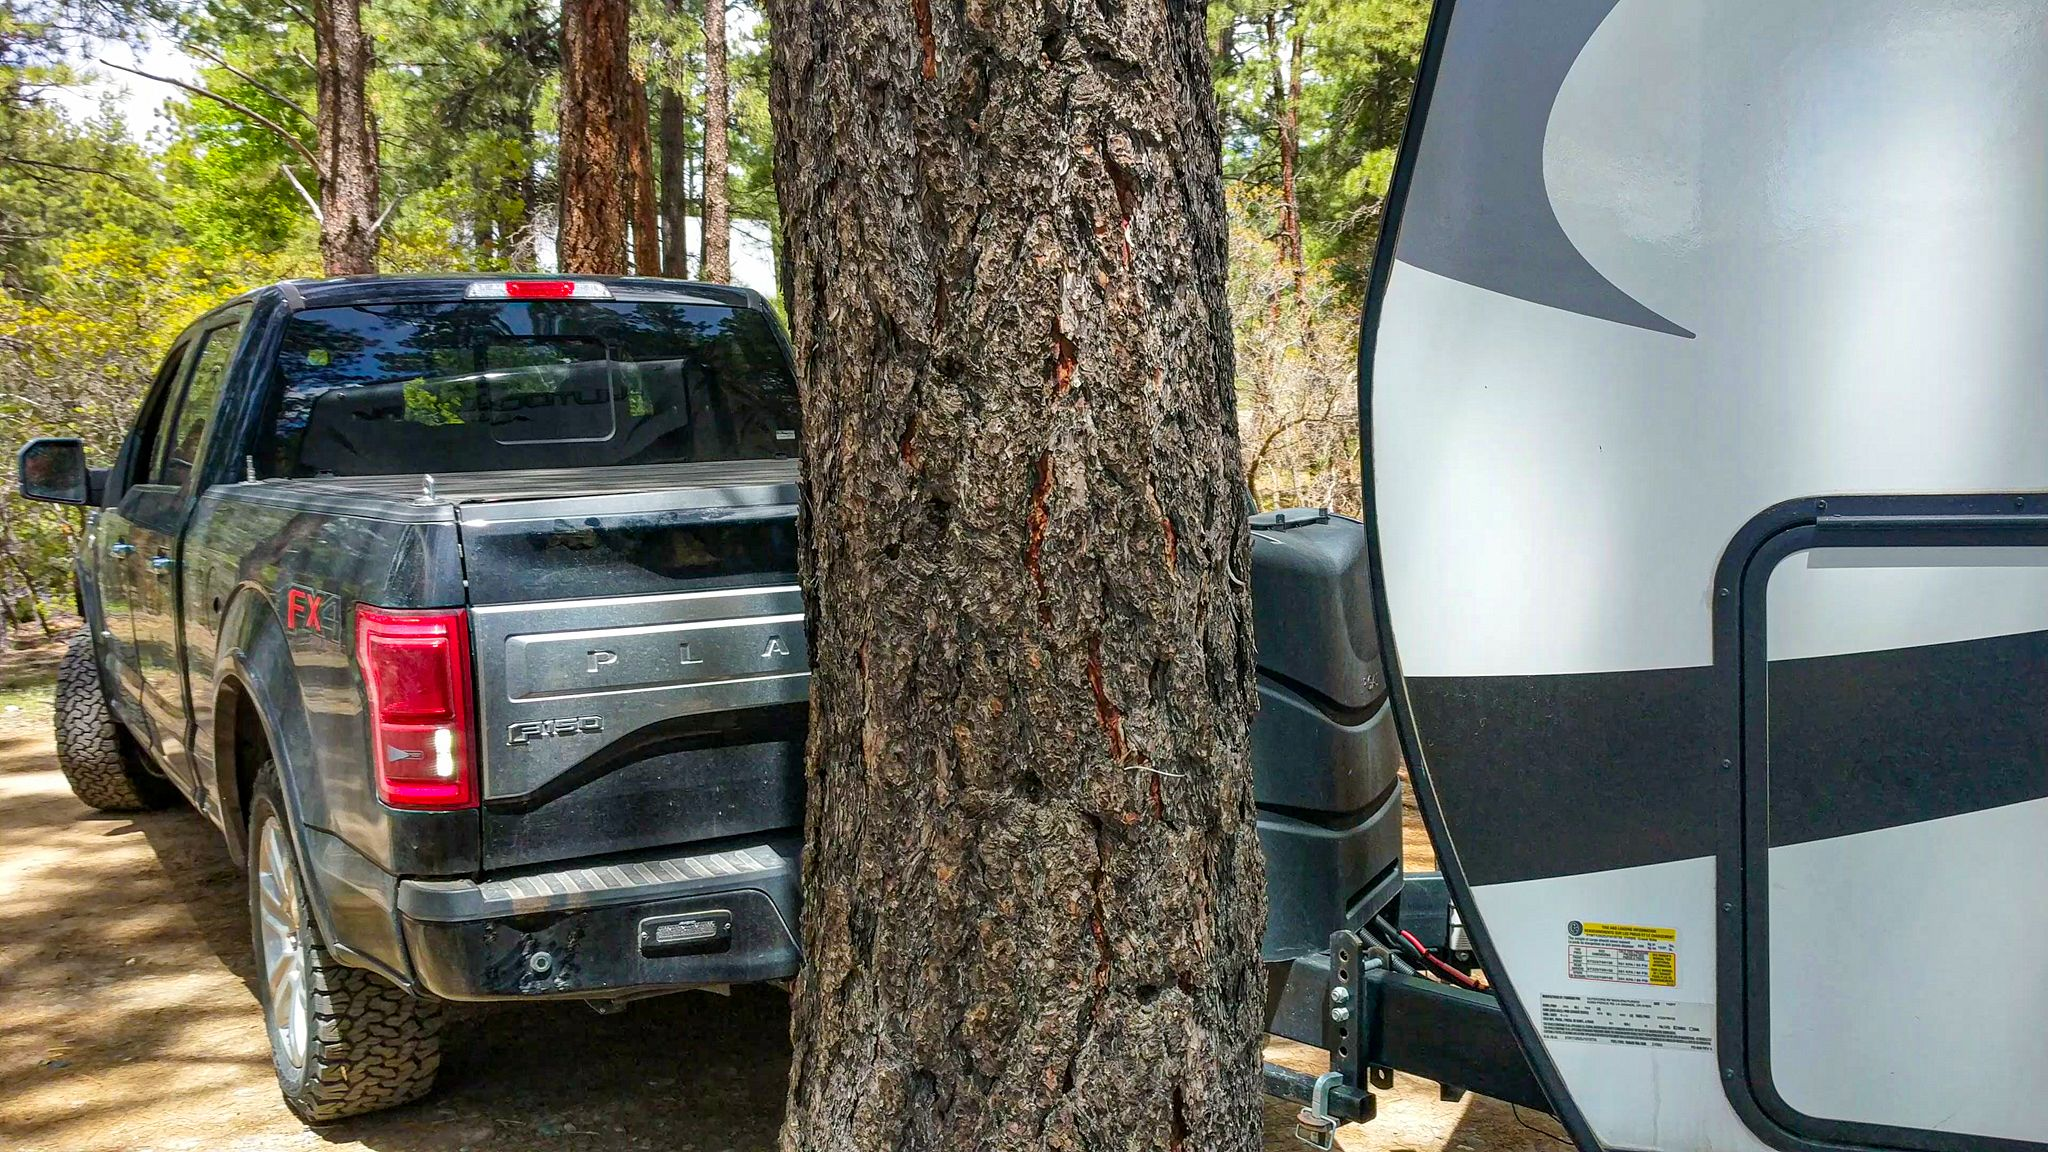 Crashing into a tree